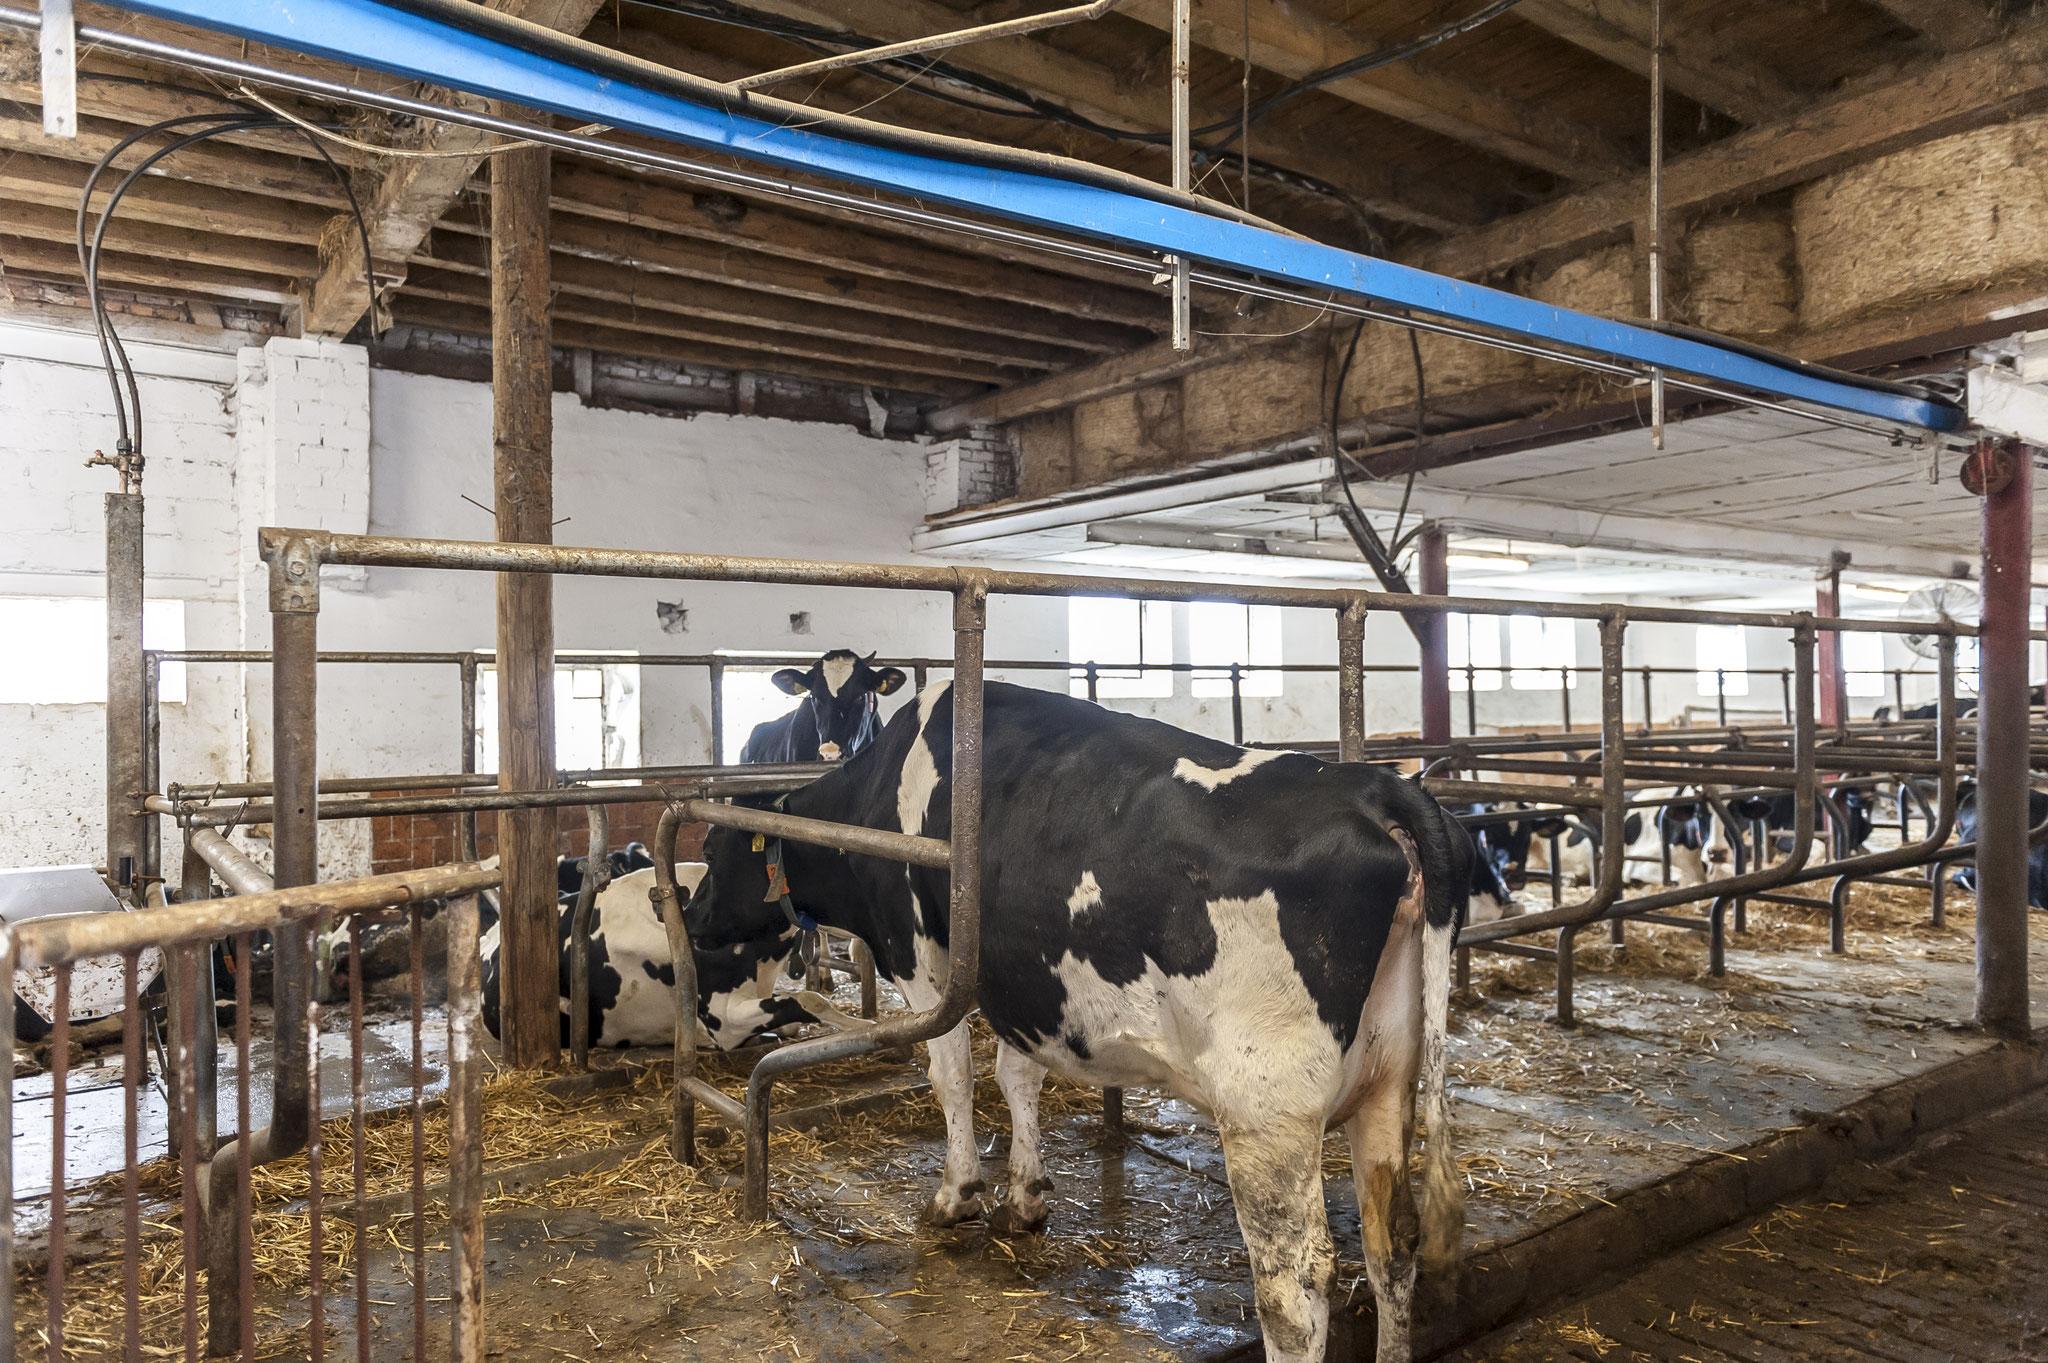 Die Kühe können wann immer sie möchten in den Liegebereich des Stalls wechseln